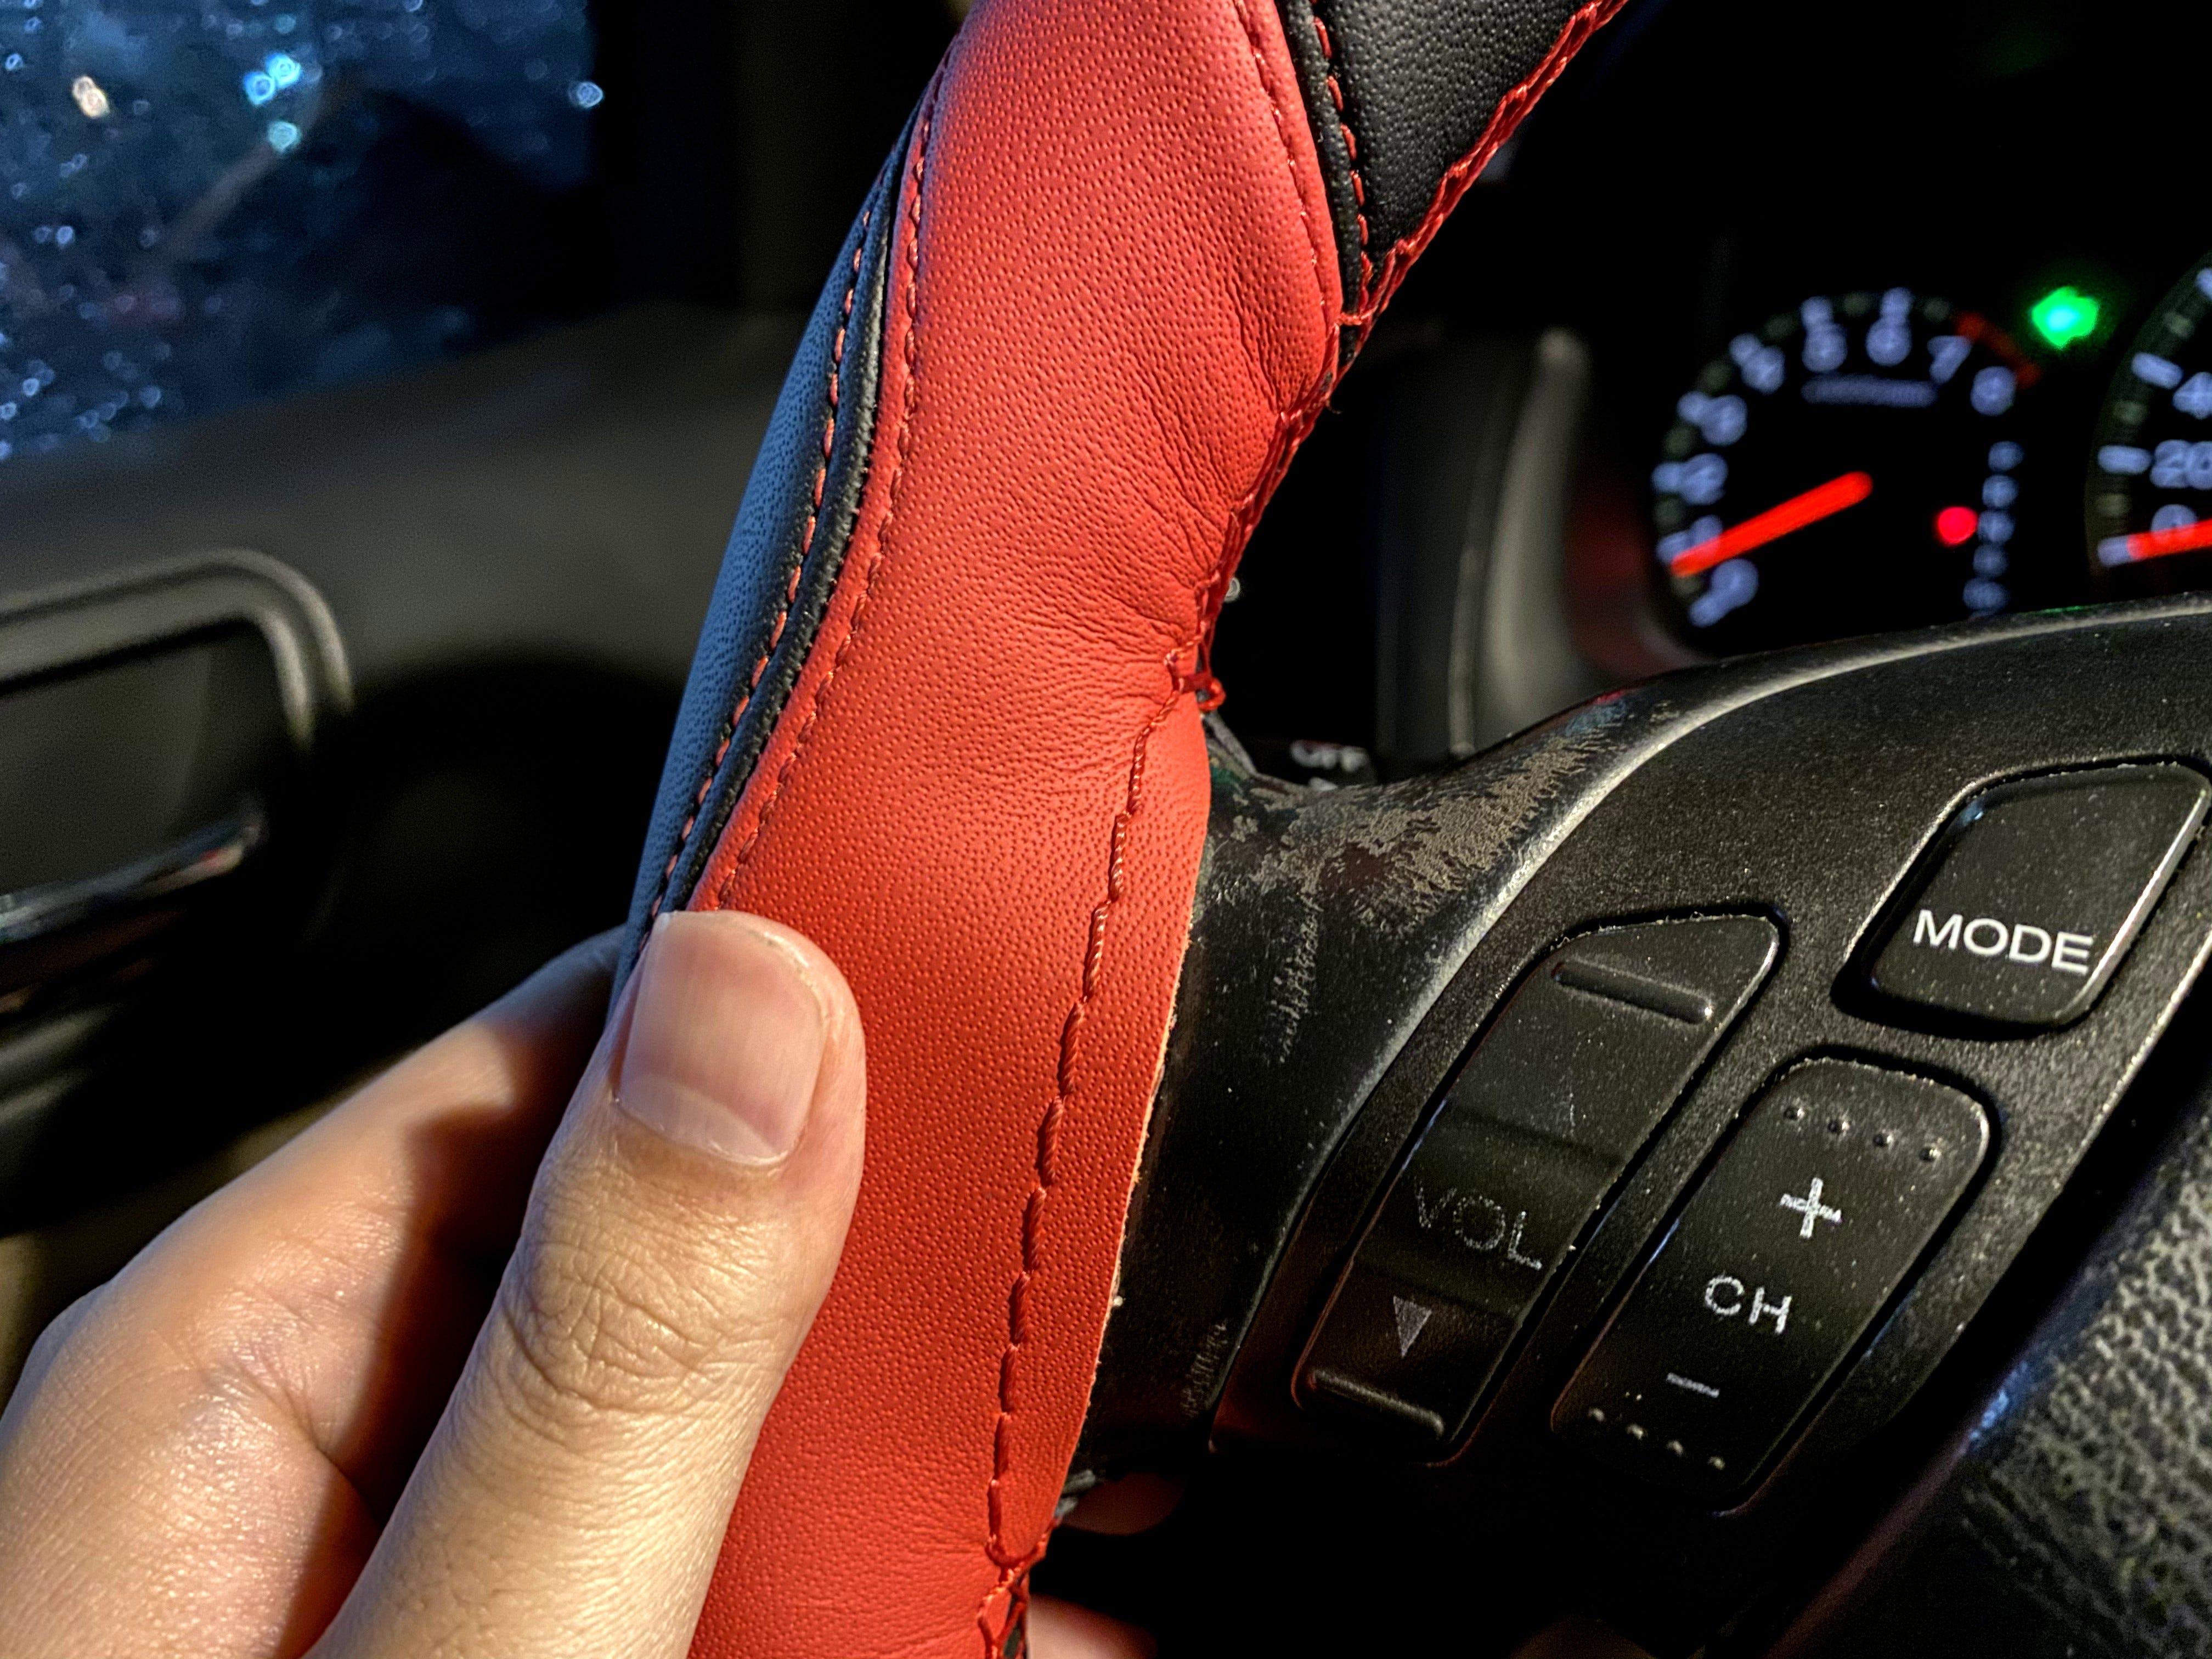 【小鍾幫你試|男士車房 Mr.Car Home 】新北中和區方向盤套手工縫製,別再買便宜方向盤套虐待自己的駕馭感受 ...